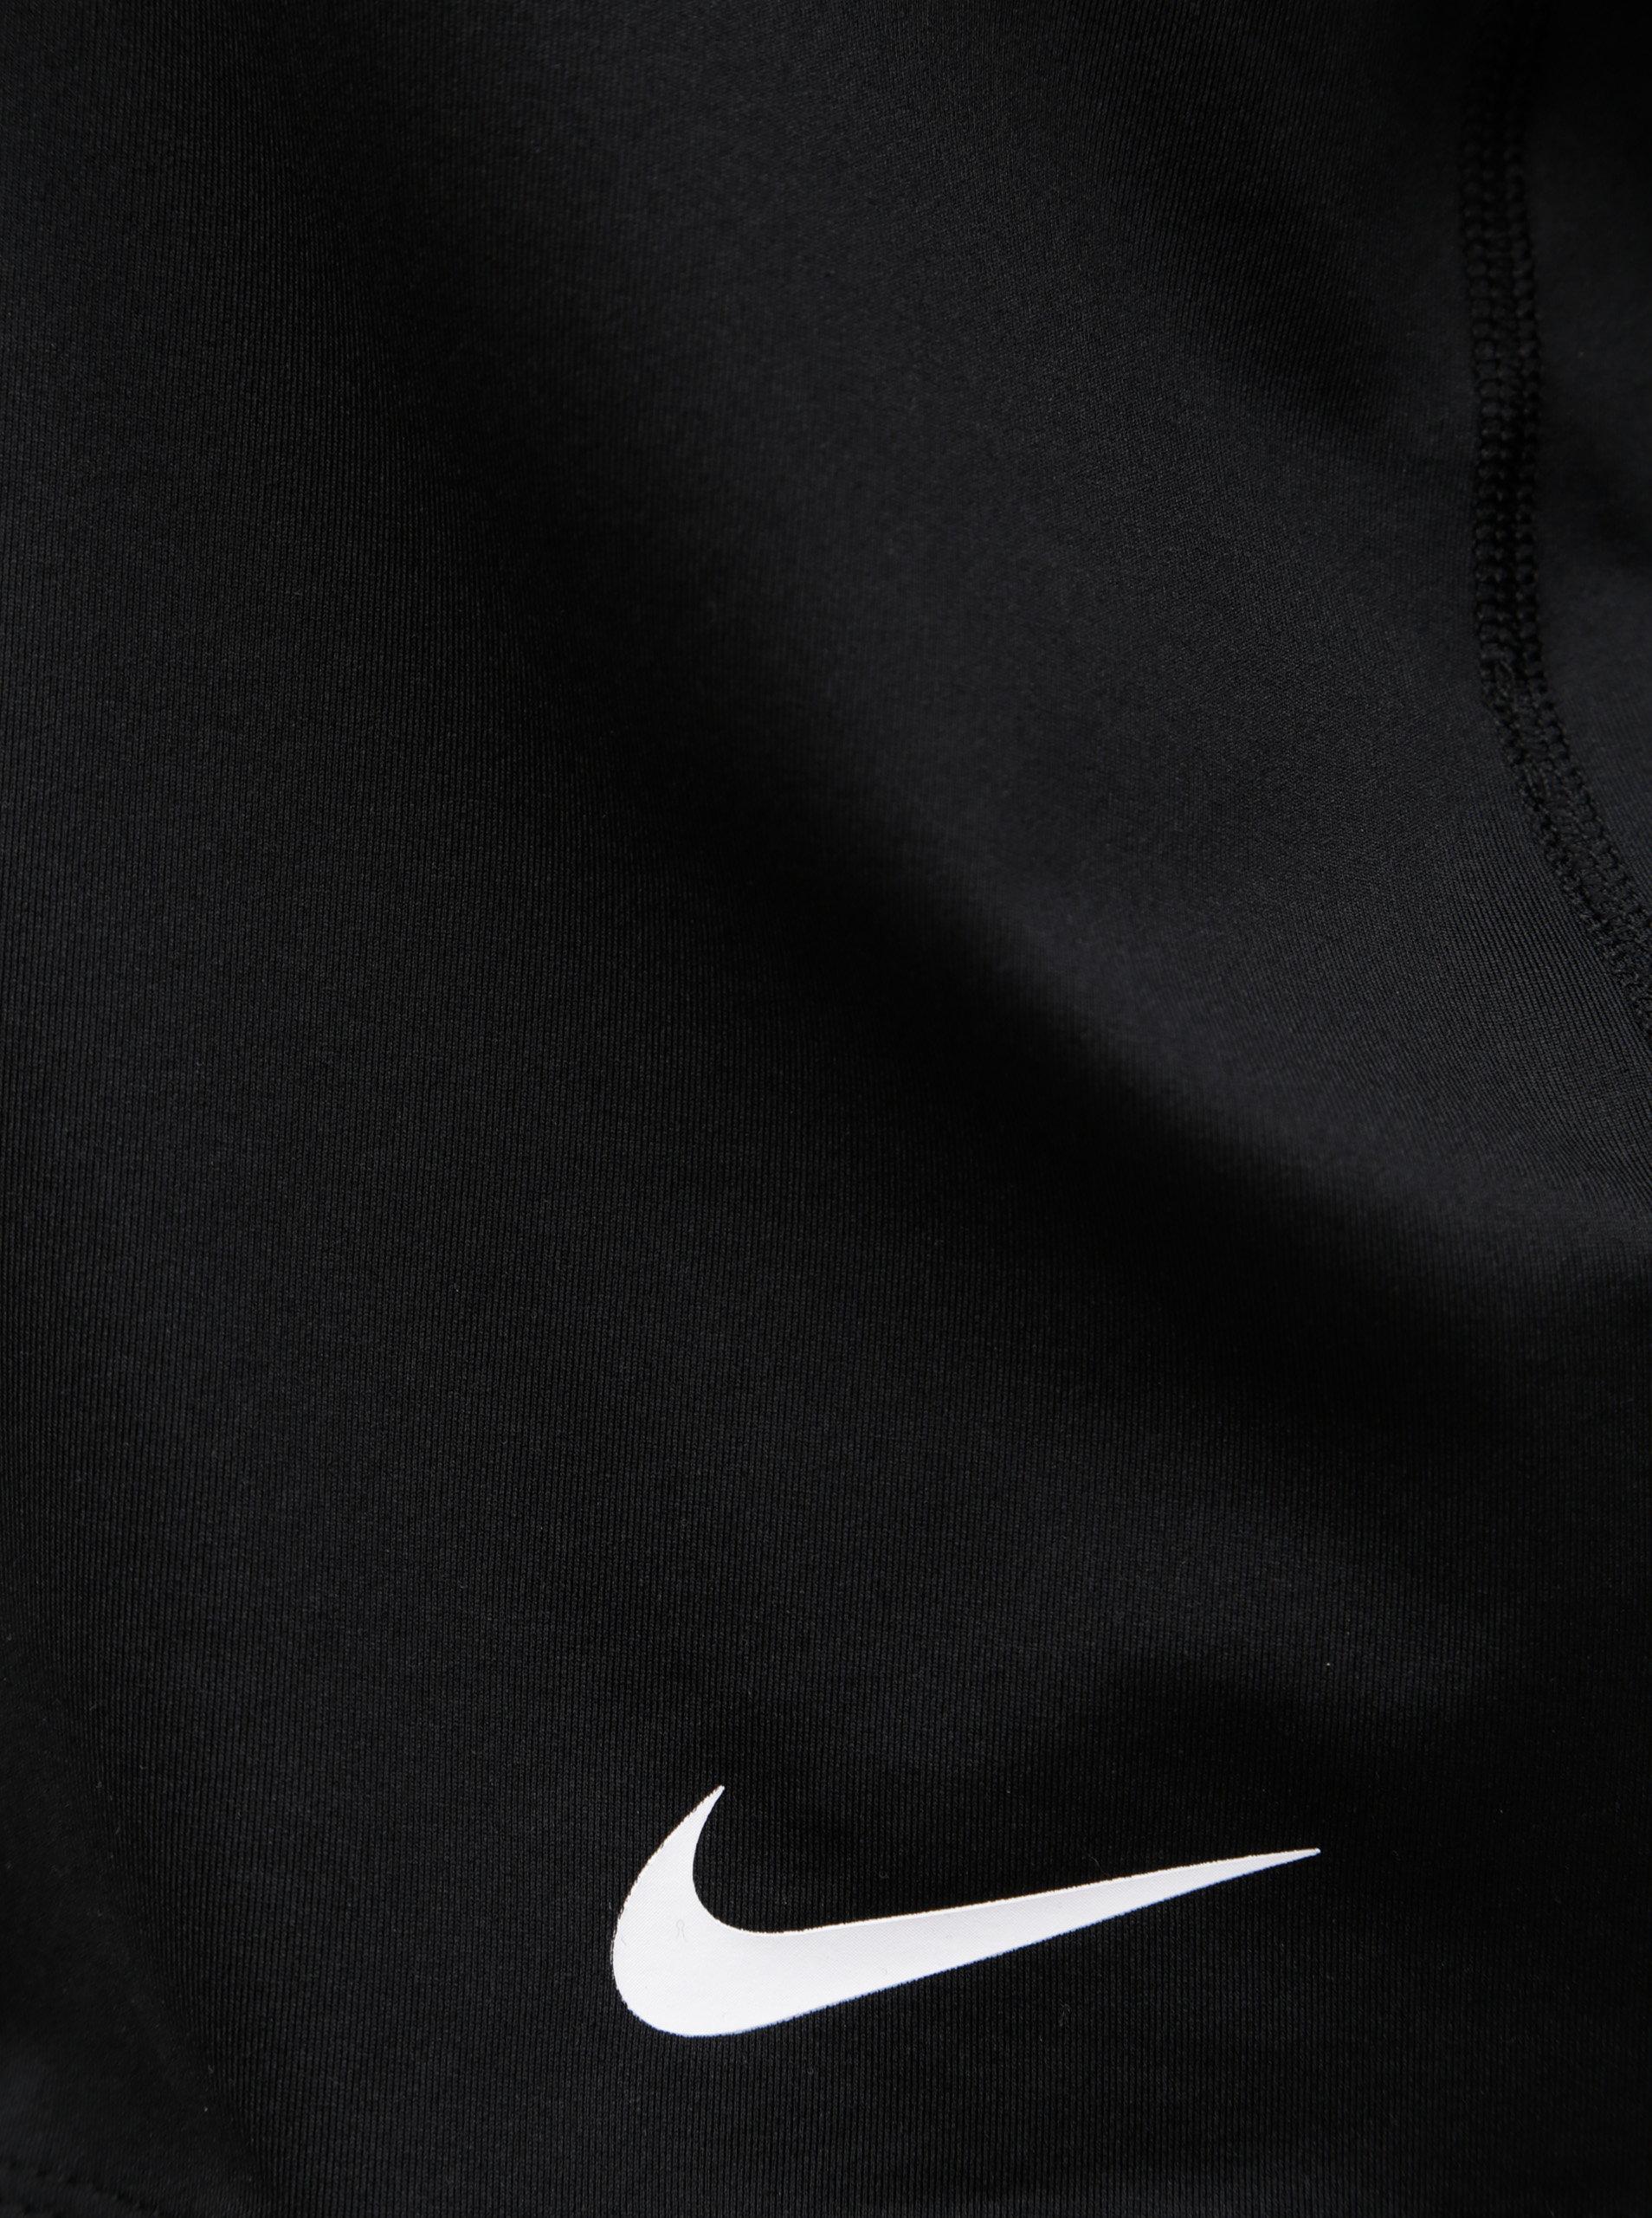 c2a95c0d3211 Čierne dámske krátke funkčné tielko Nike Pro Intertwist ...